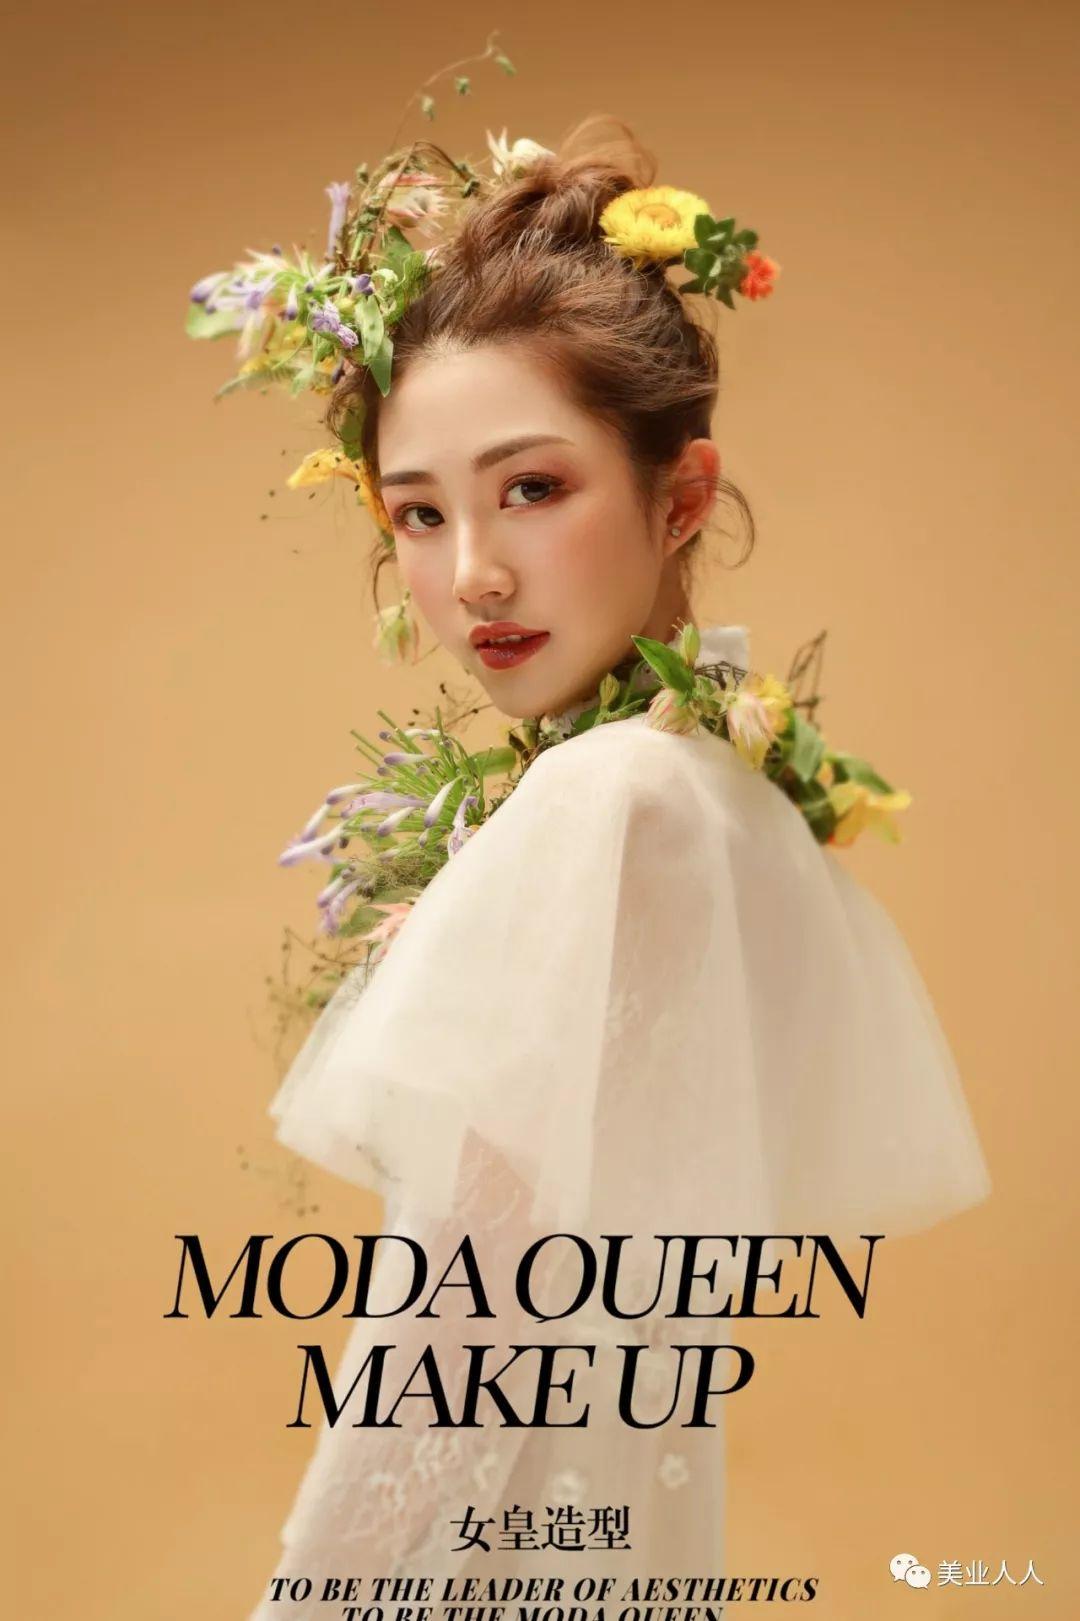 森系新娘造型你喜欢哪一款?图片